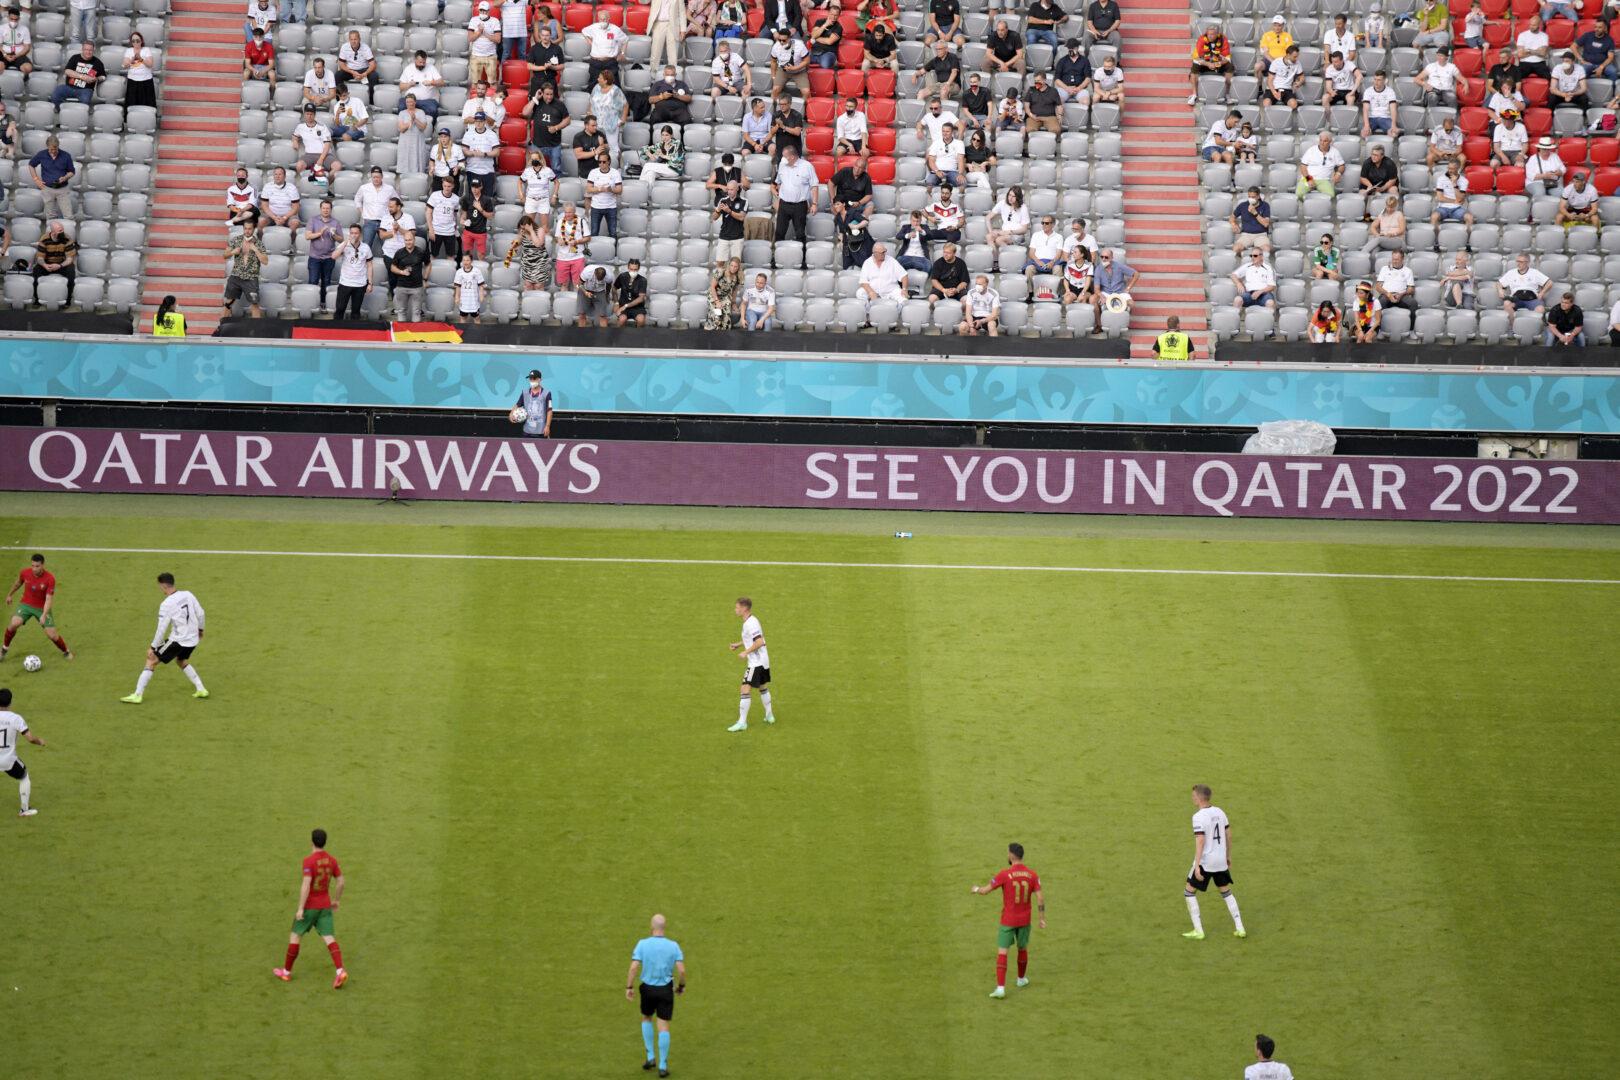 DFB soll mit Qatar Airways über Partnerschaft verhandeln